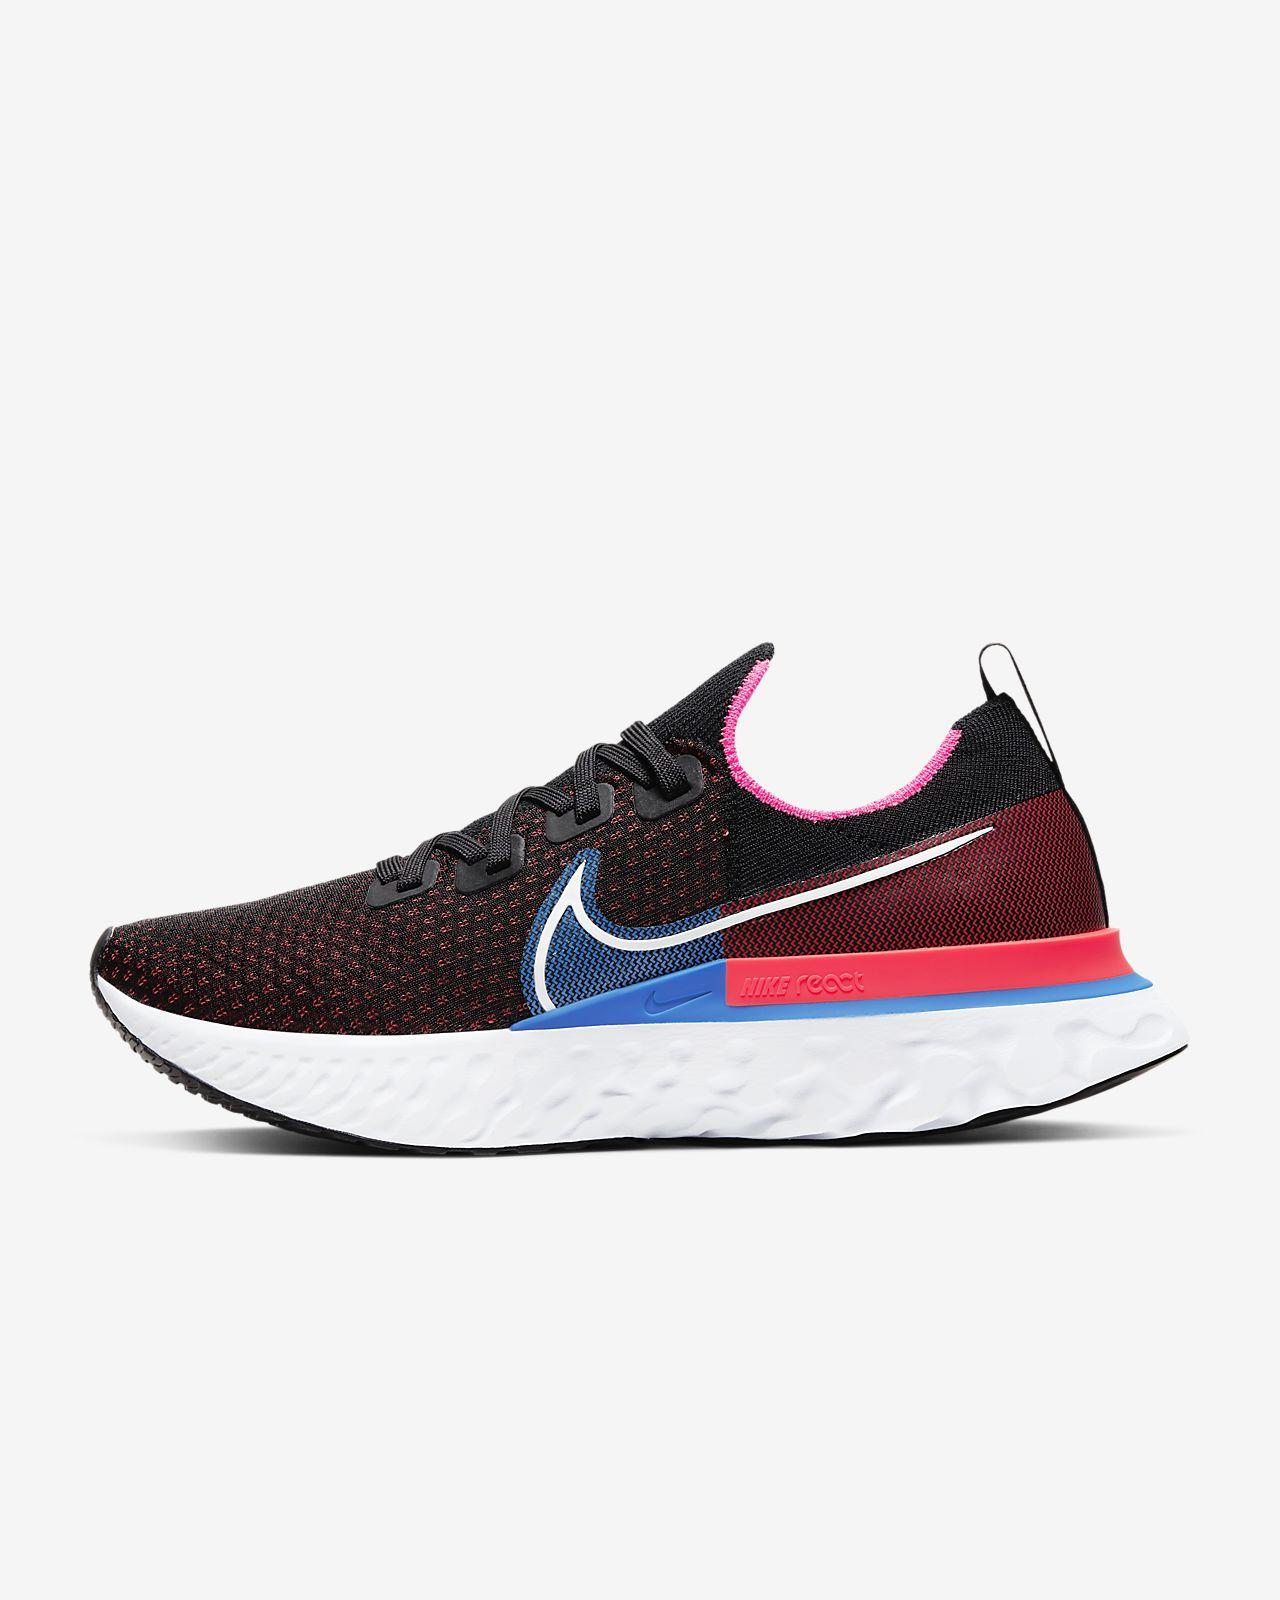 Nike React Infinity Run Flyknit Men's Running Shoe